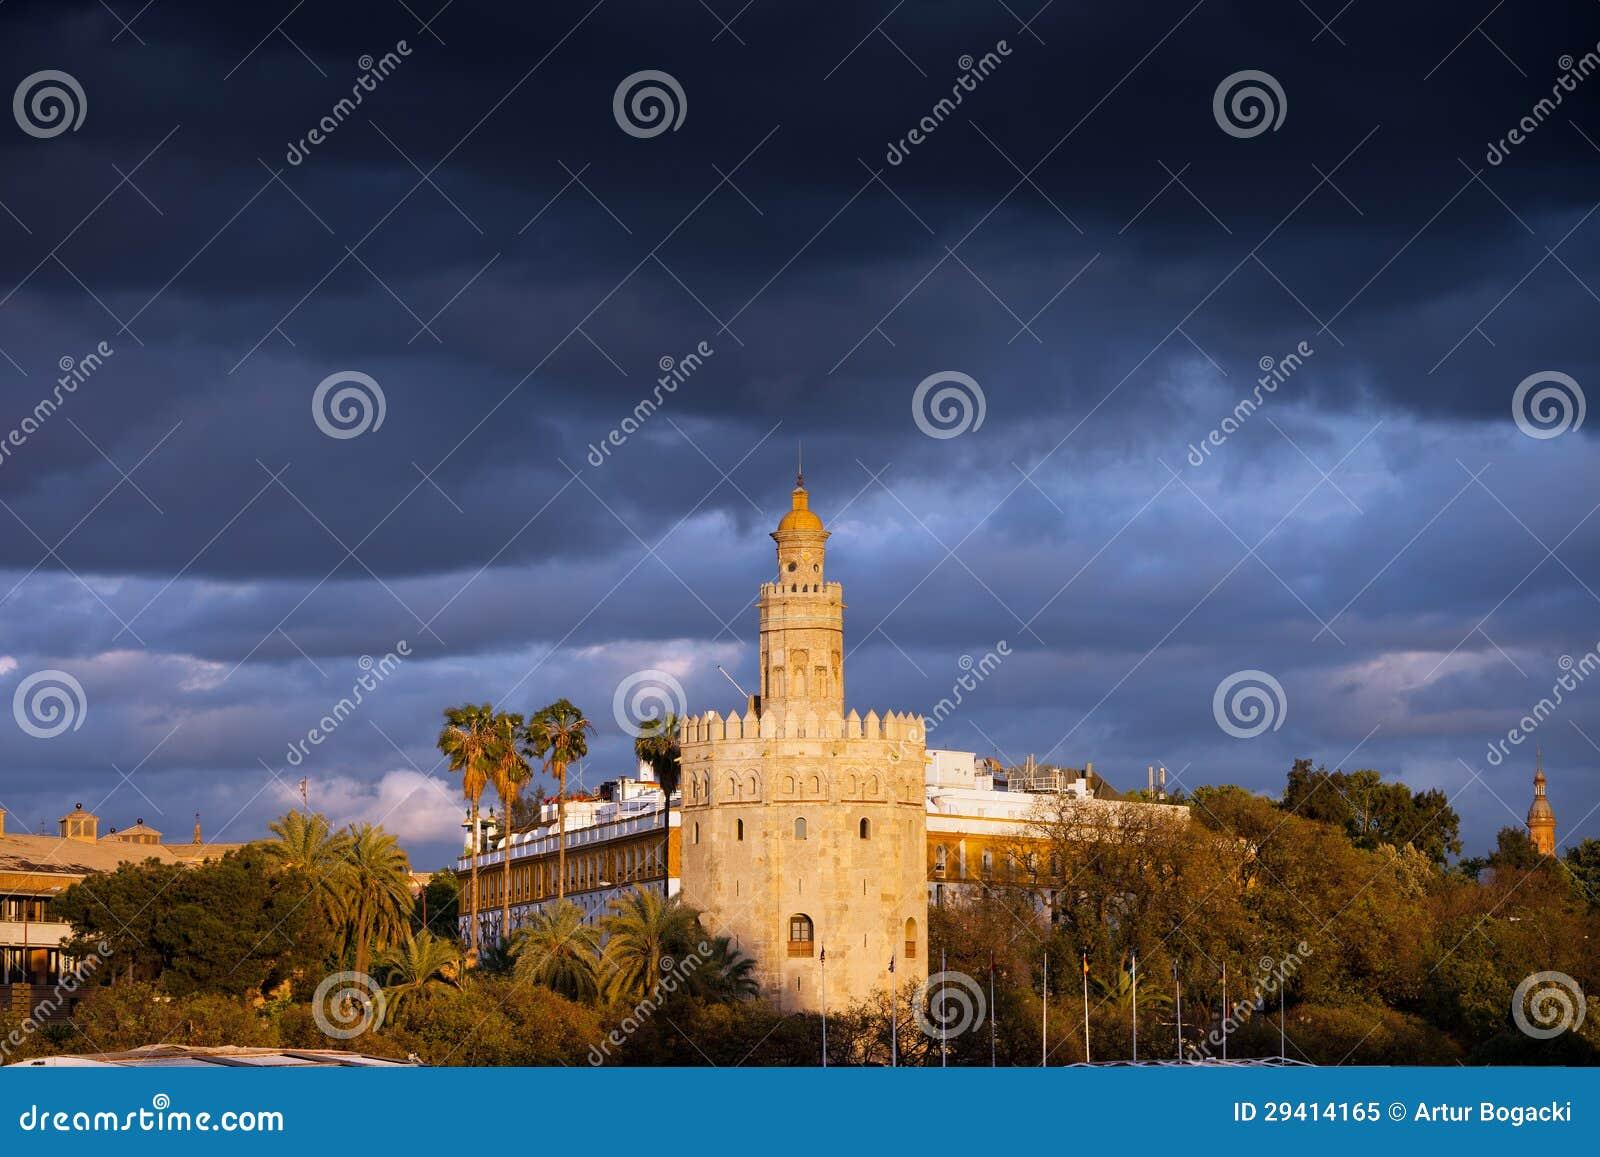 Torre del Oro in Siviglia al tramonto